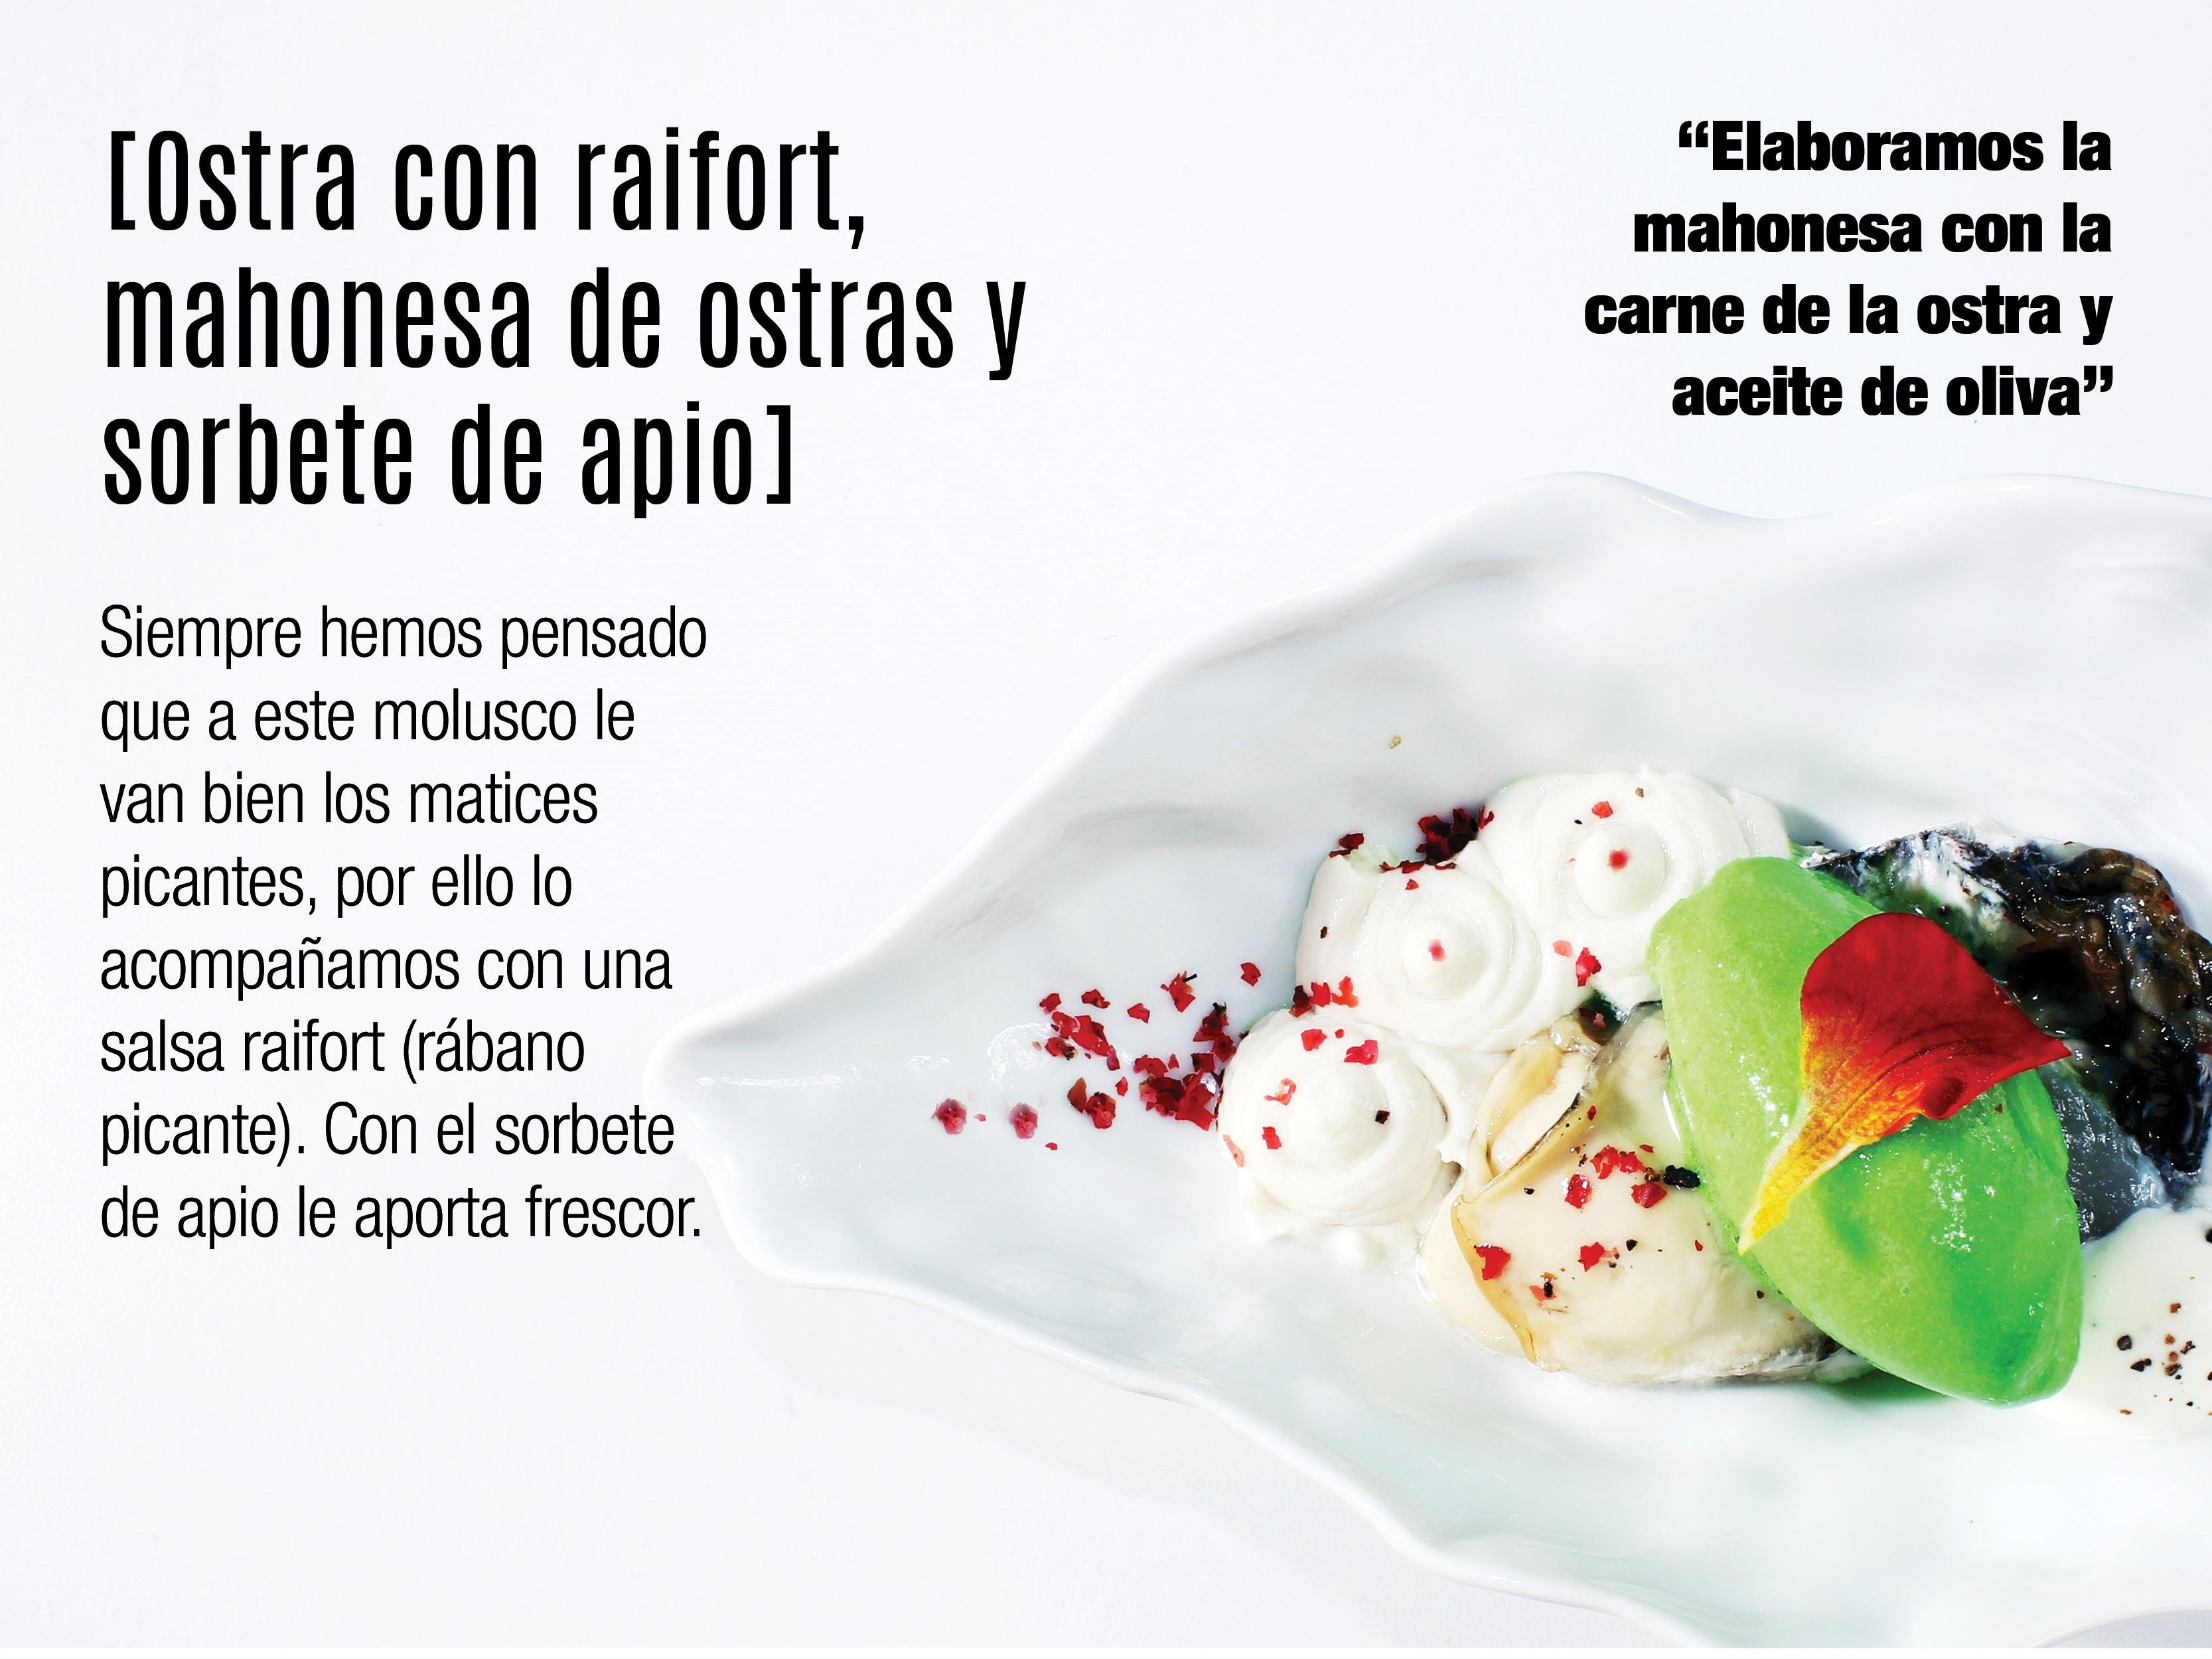 Ostra con raifort, mahonesa de ostras y sorbete de apio. Restaurnate Casa Manolo Daimús Valencia. EStrella michelín Manuel Alonso